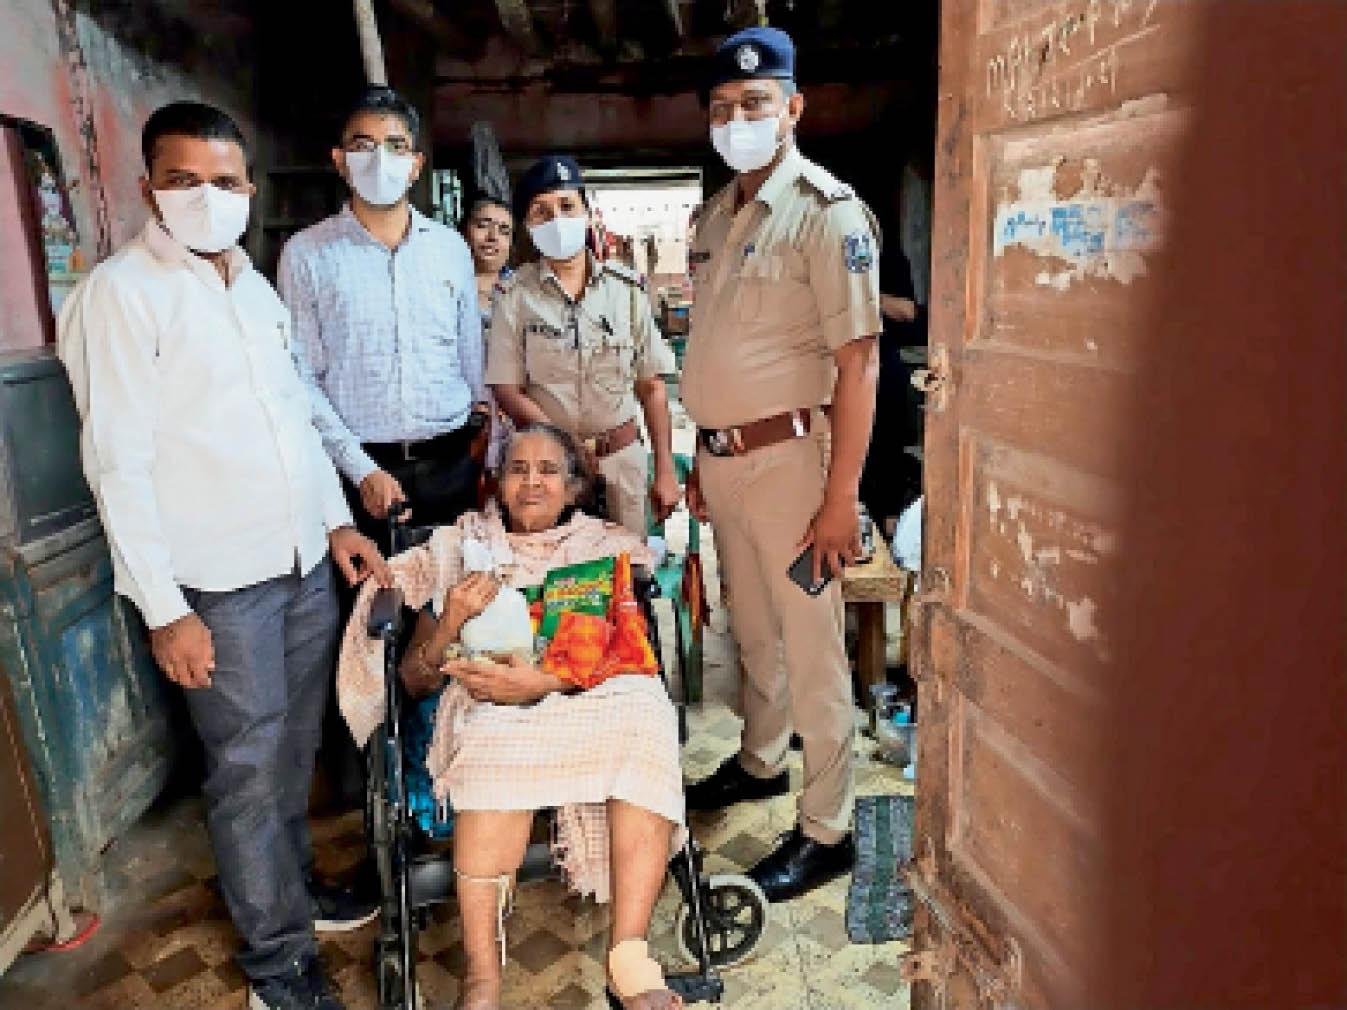 सीनियर सिटीजन की सुरक्षा व मदद के लिए महिधरपुरा पुलिस रोजाना 5-5 घरों का विजिट कर रिपोर्ट तैयार करती है गुजरात,Gujarat - Dainik Bhaskar